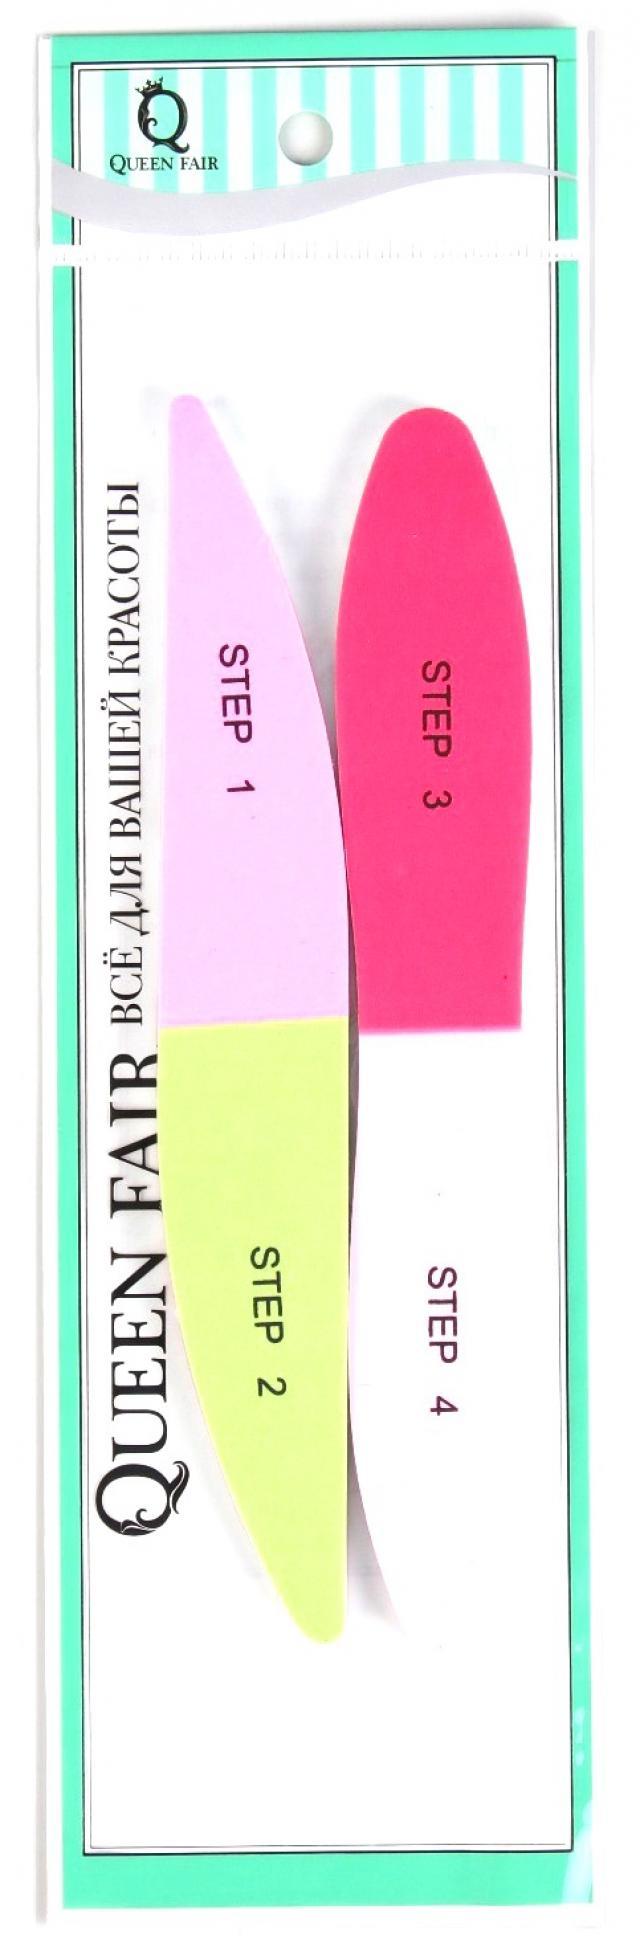 Шлифовка-полировка набор 4в1 №2 3549017 купить в Москве по цене от 0 рублей